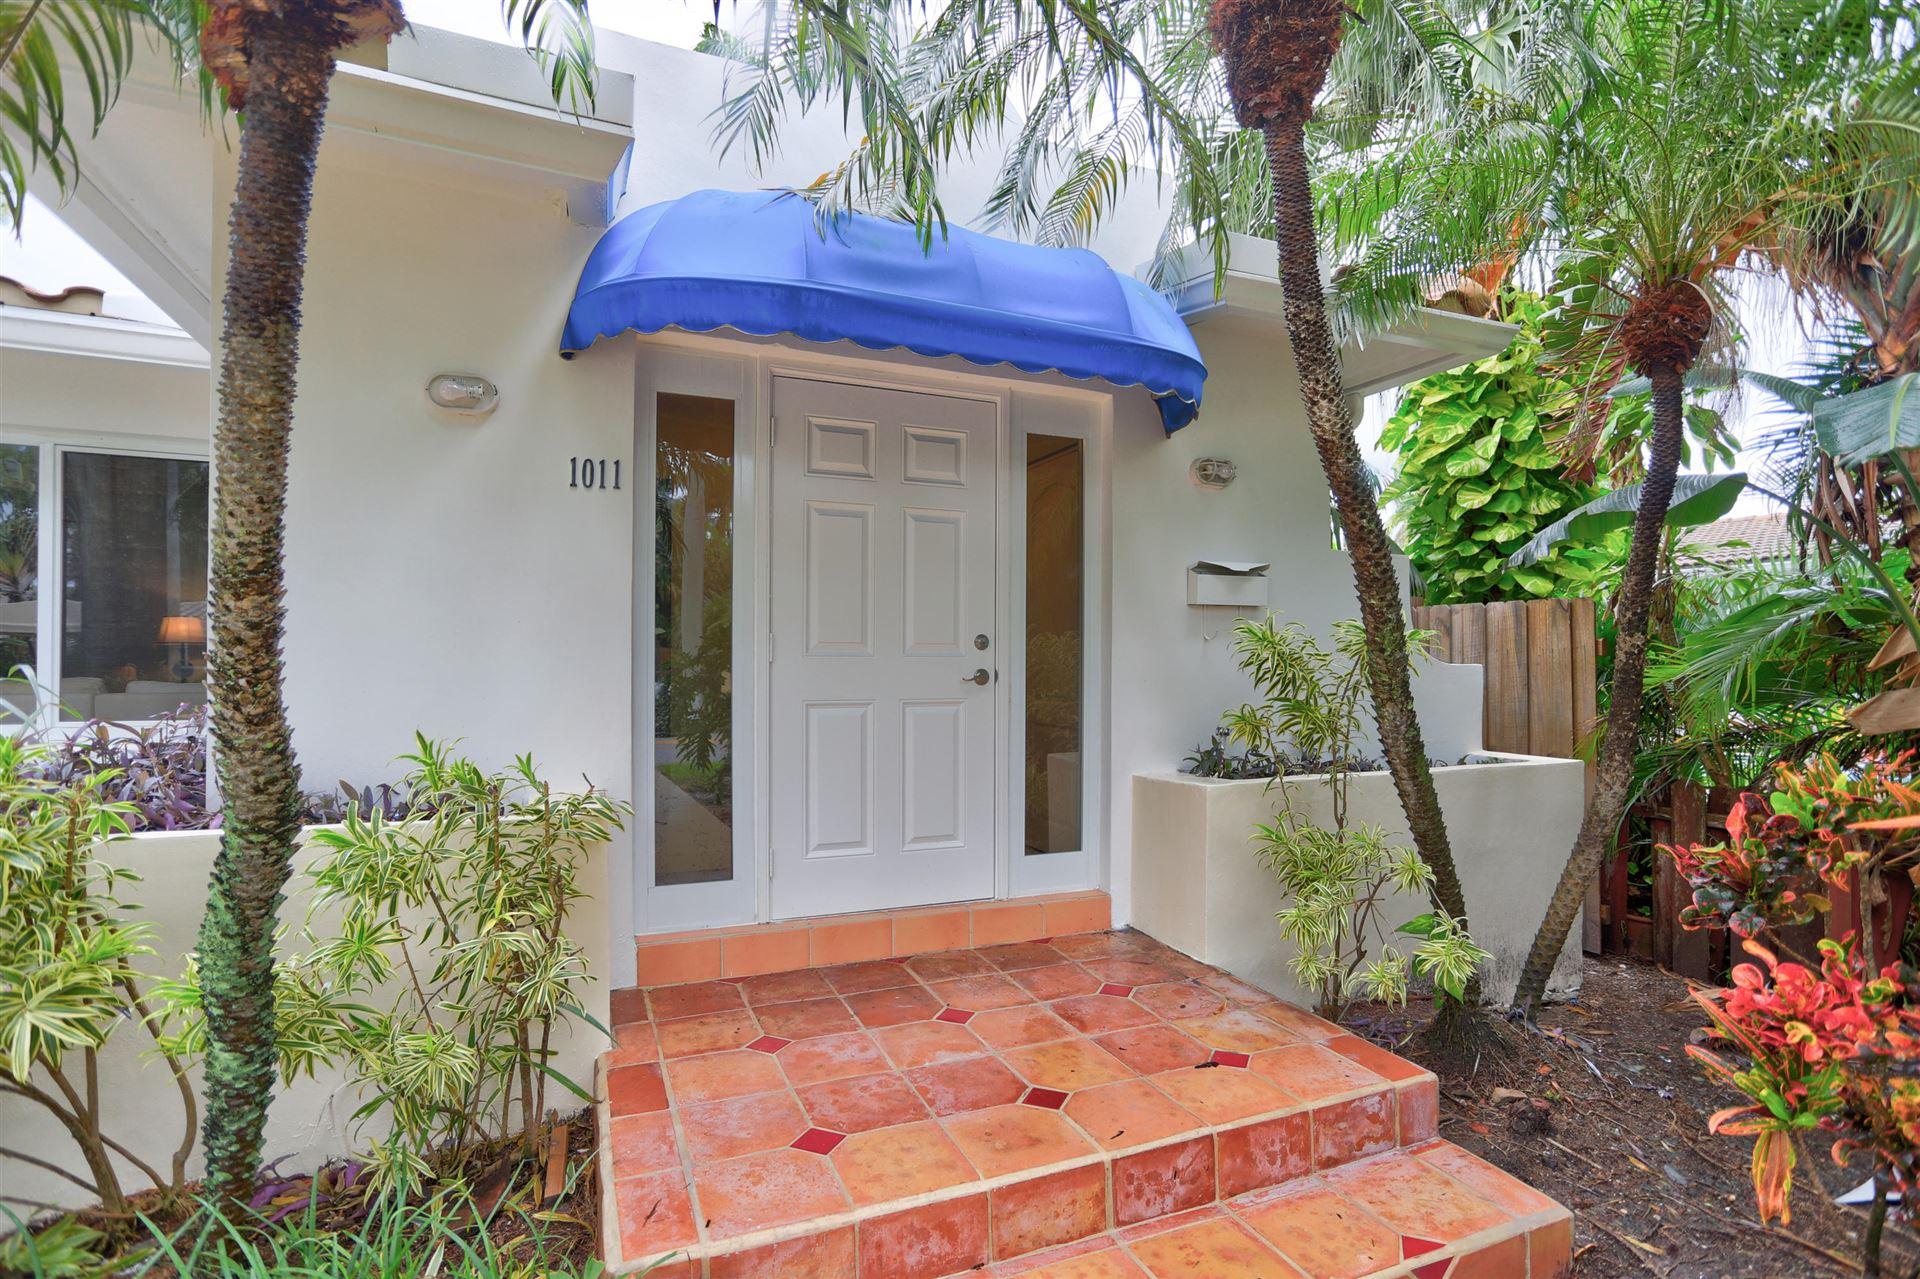 1011 Polk Street, Hollywood, FL 33019 - #: RX-10663269